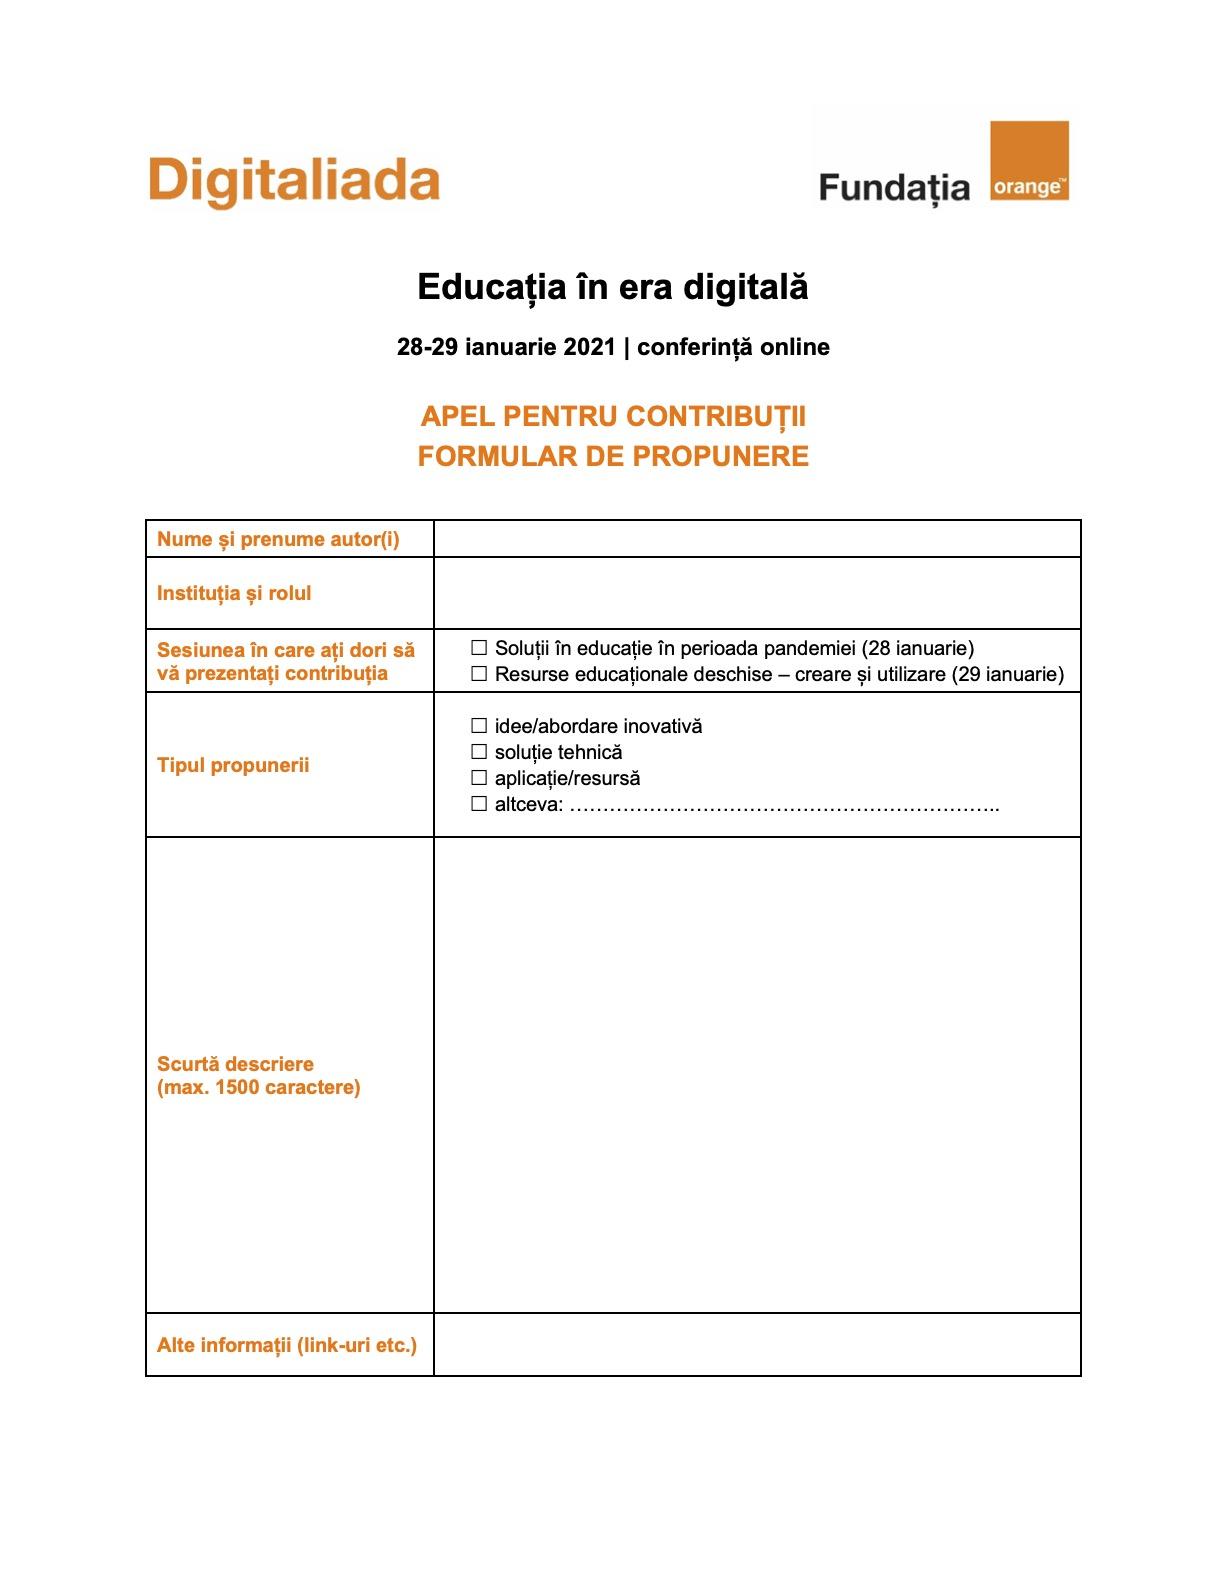 Formular de propunere pentru conferința Educația în era digitală